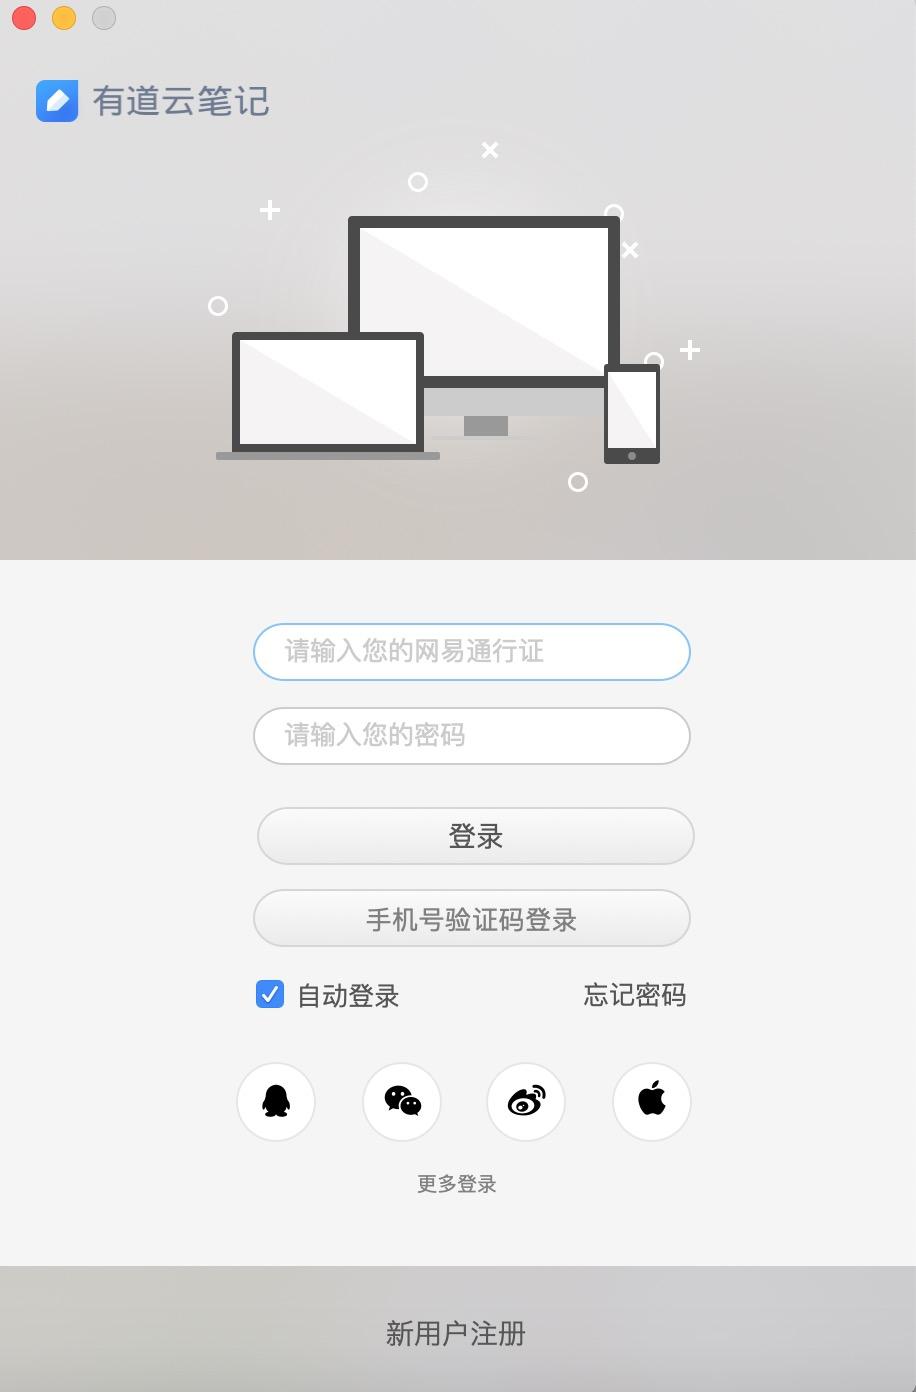 有道云笔记评测:白板拍照智能优化,会议笔记一拍存档,让开会更加高效